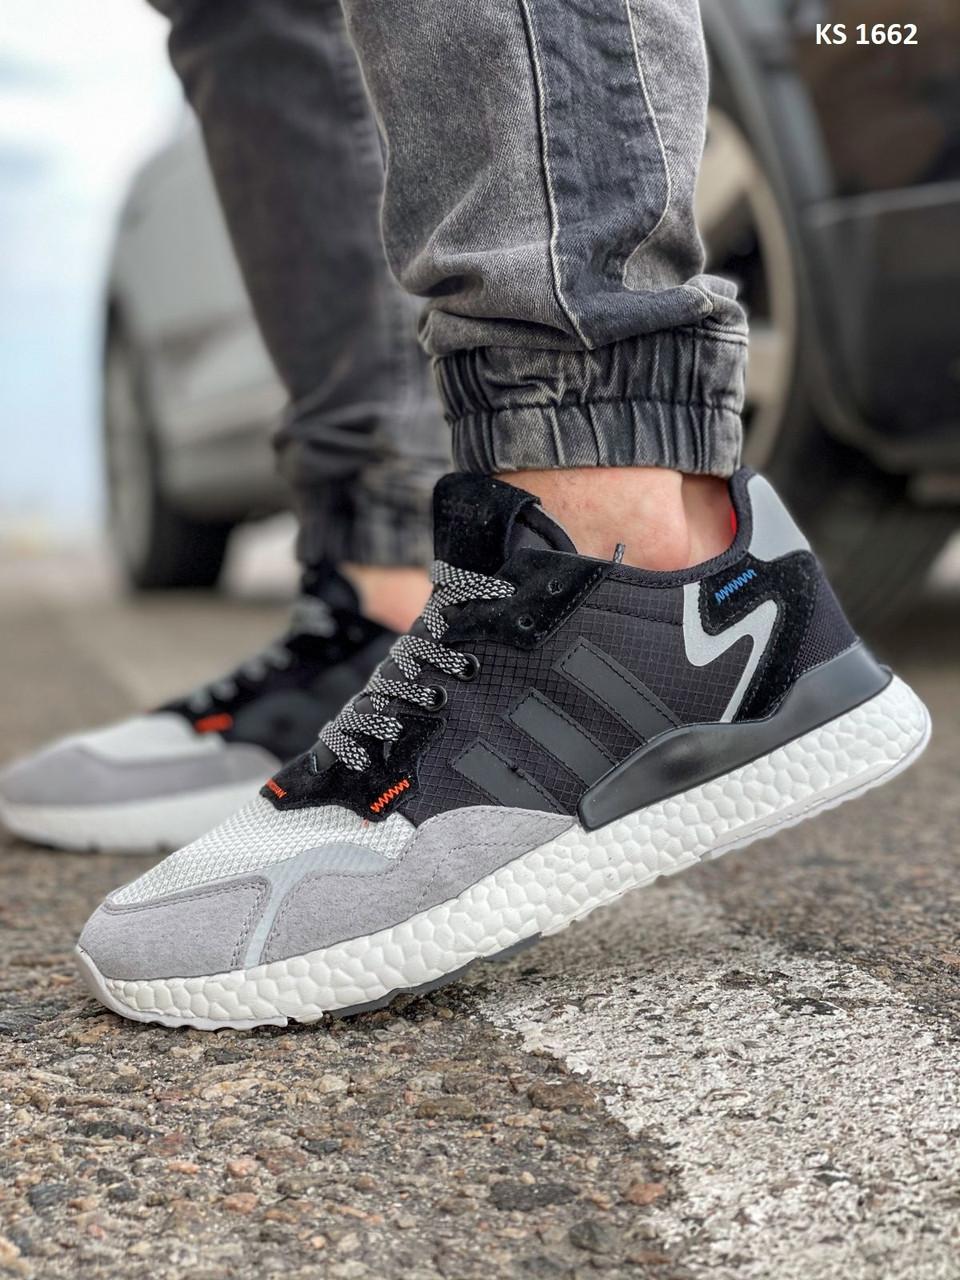 Кроссовки мужские Adidas Nite Jogger Boost текстильные серые Рефлектив Адидас (Топ реплика ААА+)